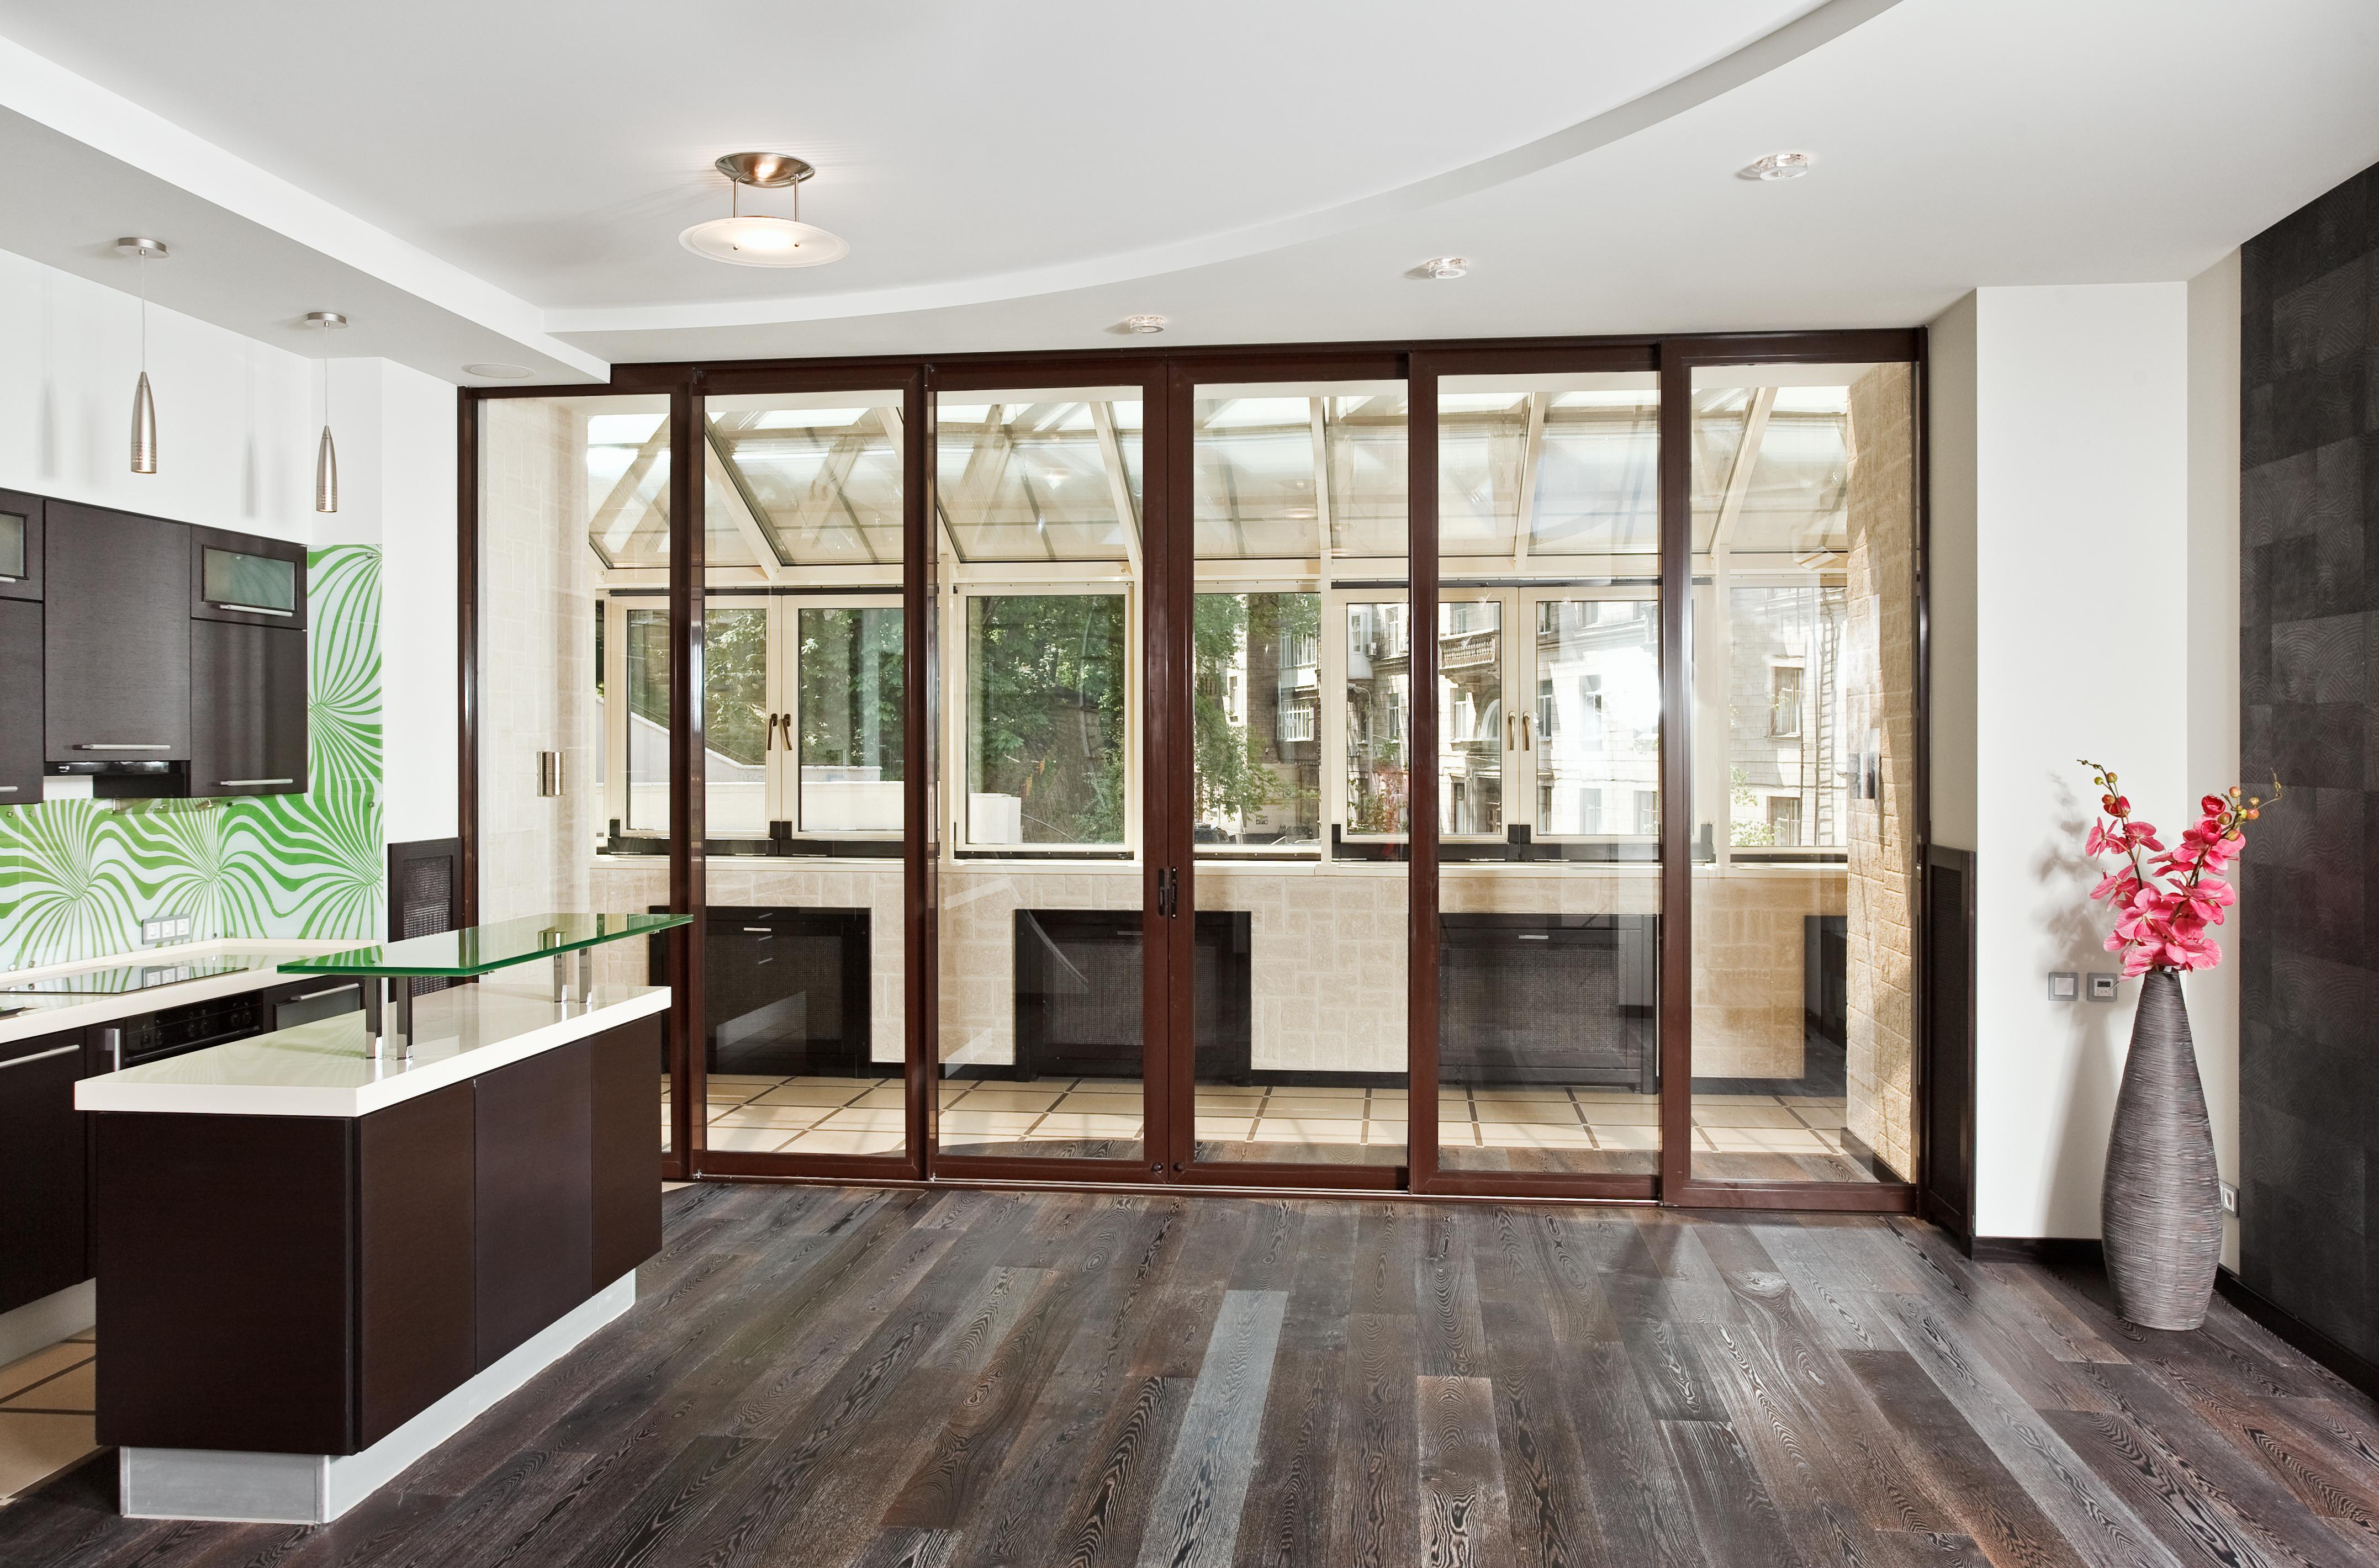 Объединение лоджии (балкона) с комнатой/кухней cогласование .